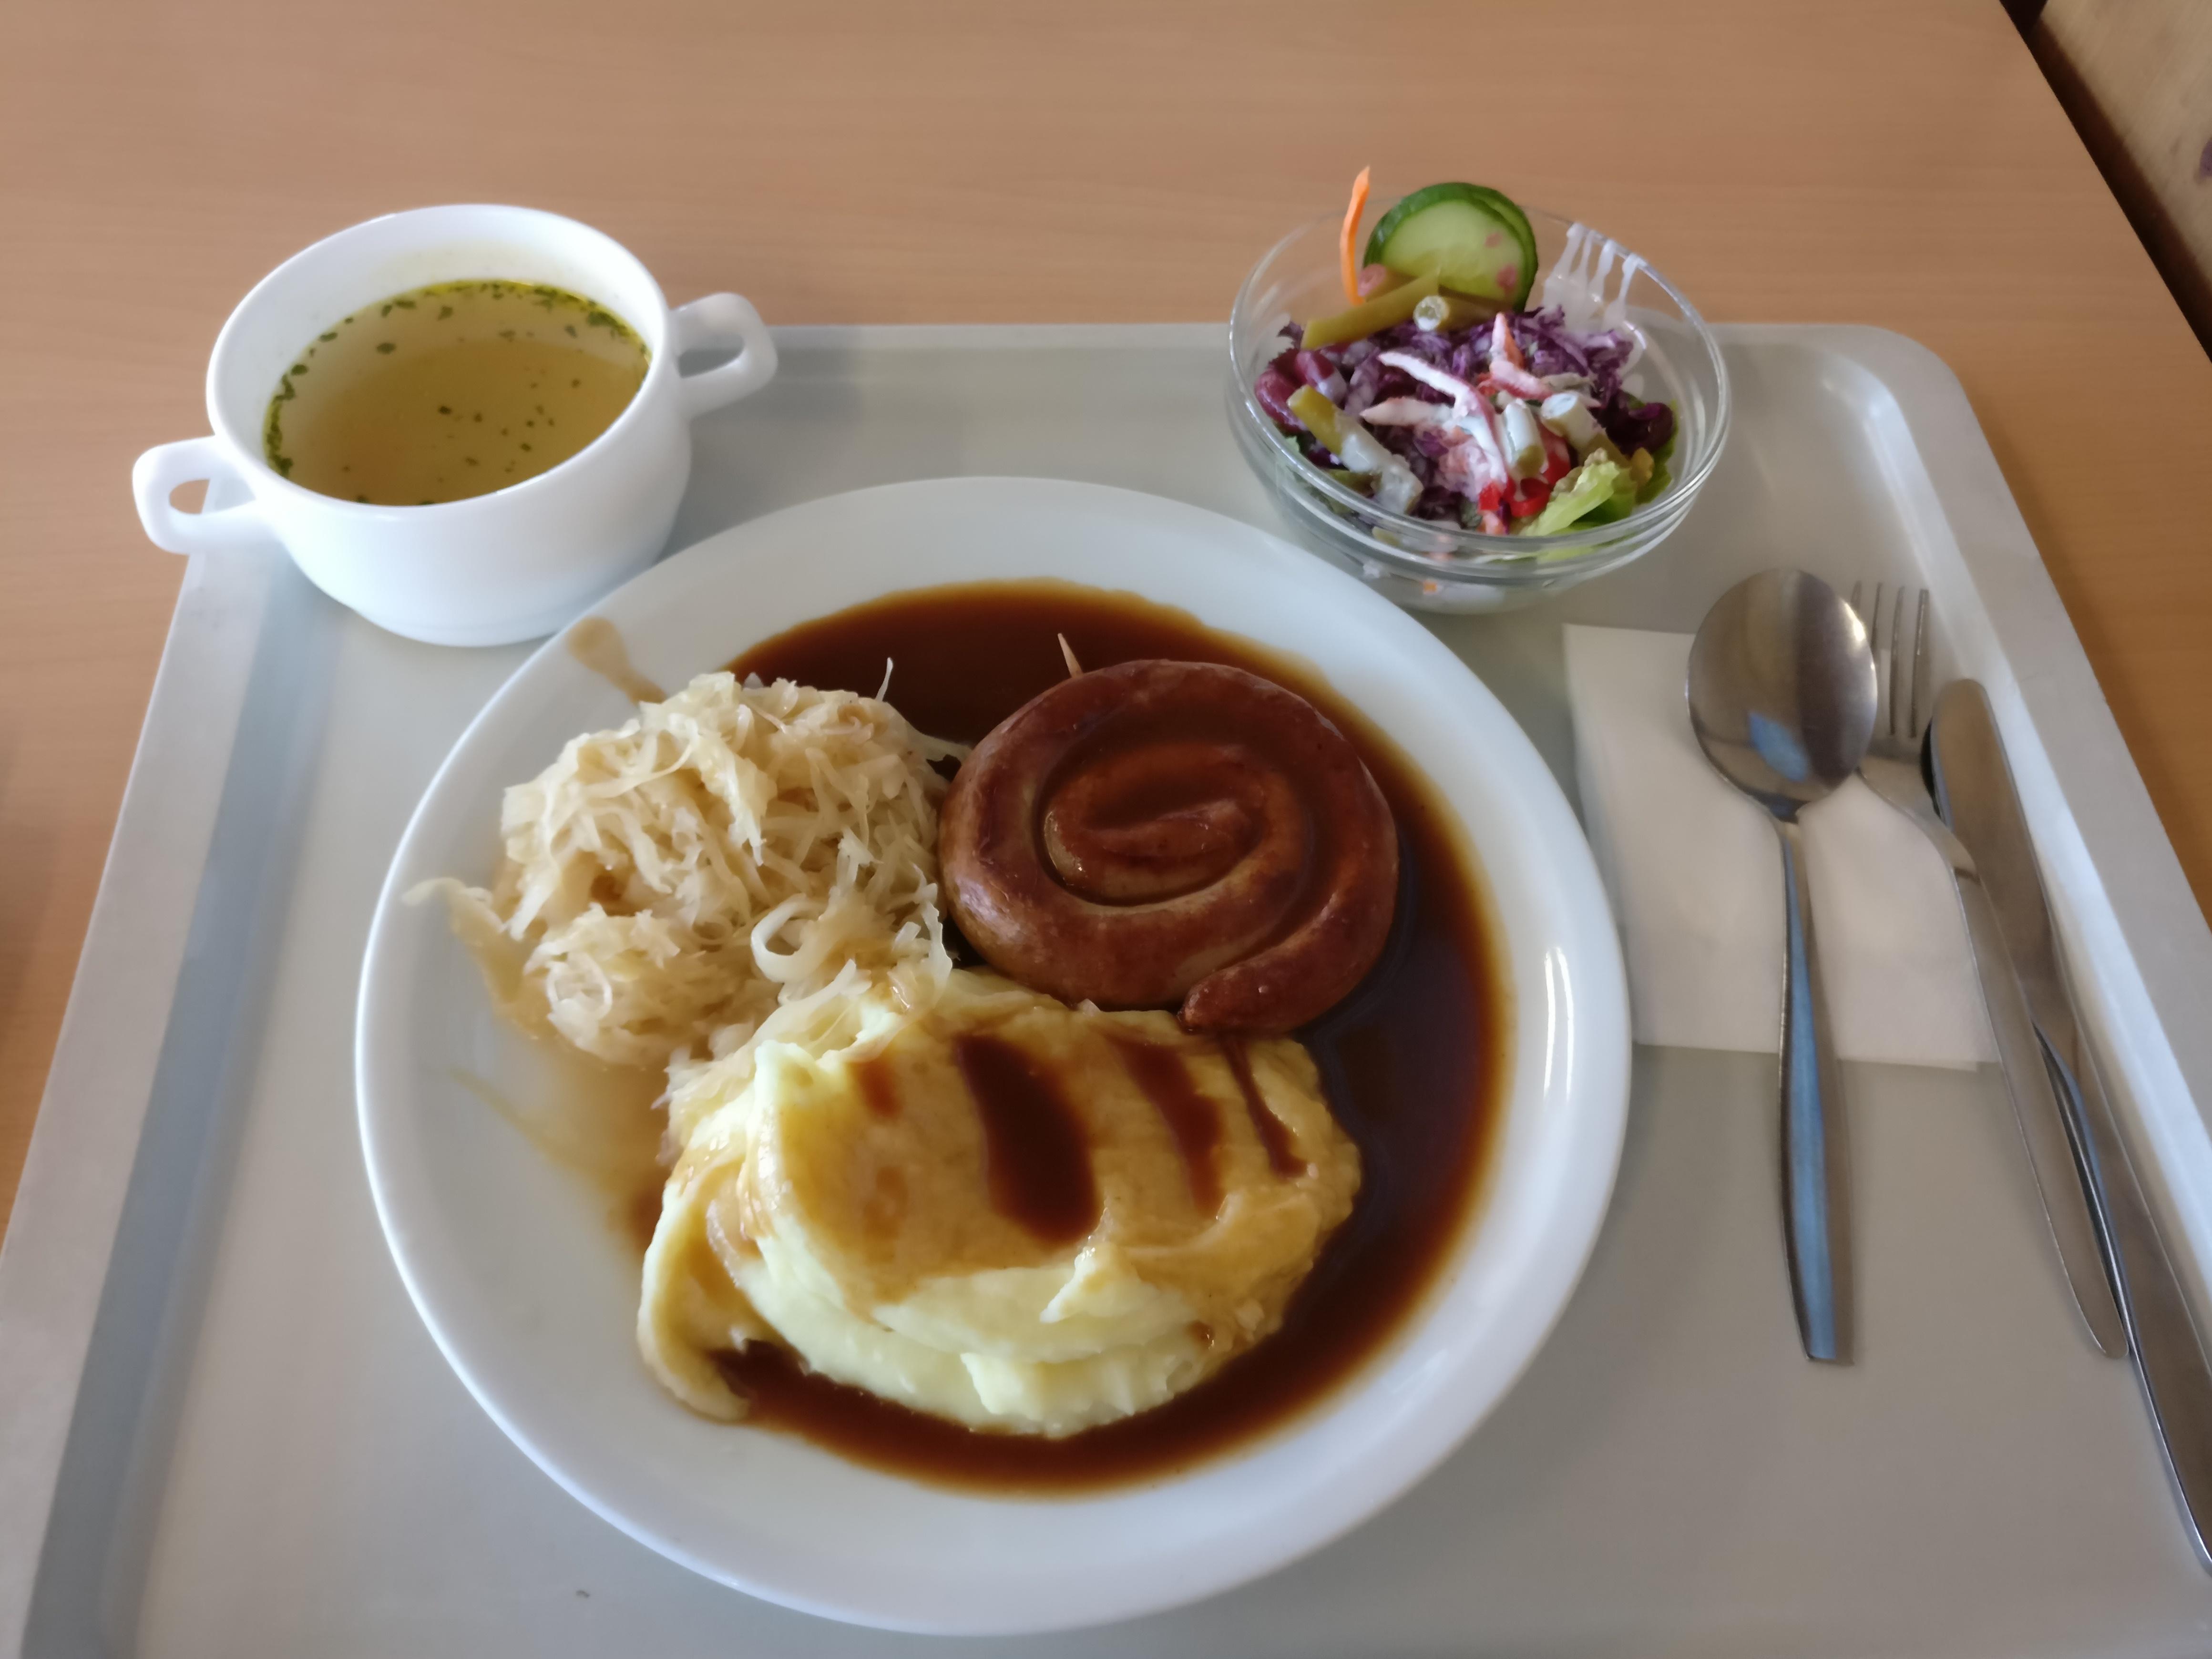 https://foodloader.net/nico_2017-05-10_bratwurstschnecke-kartoffelpuree-sauerkraut-suppe-salat.jpg